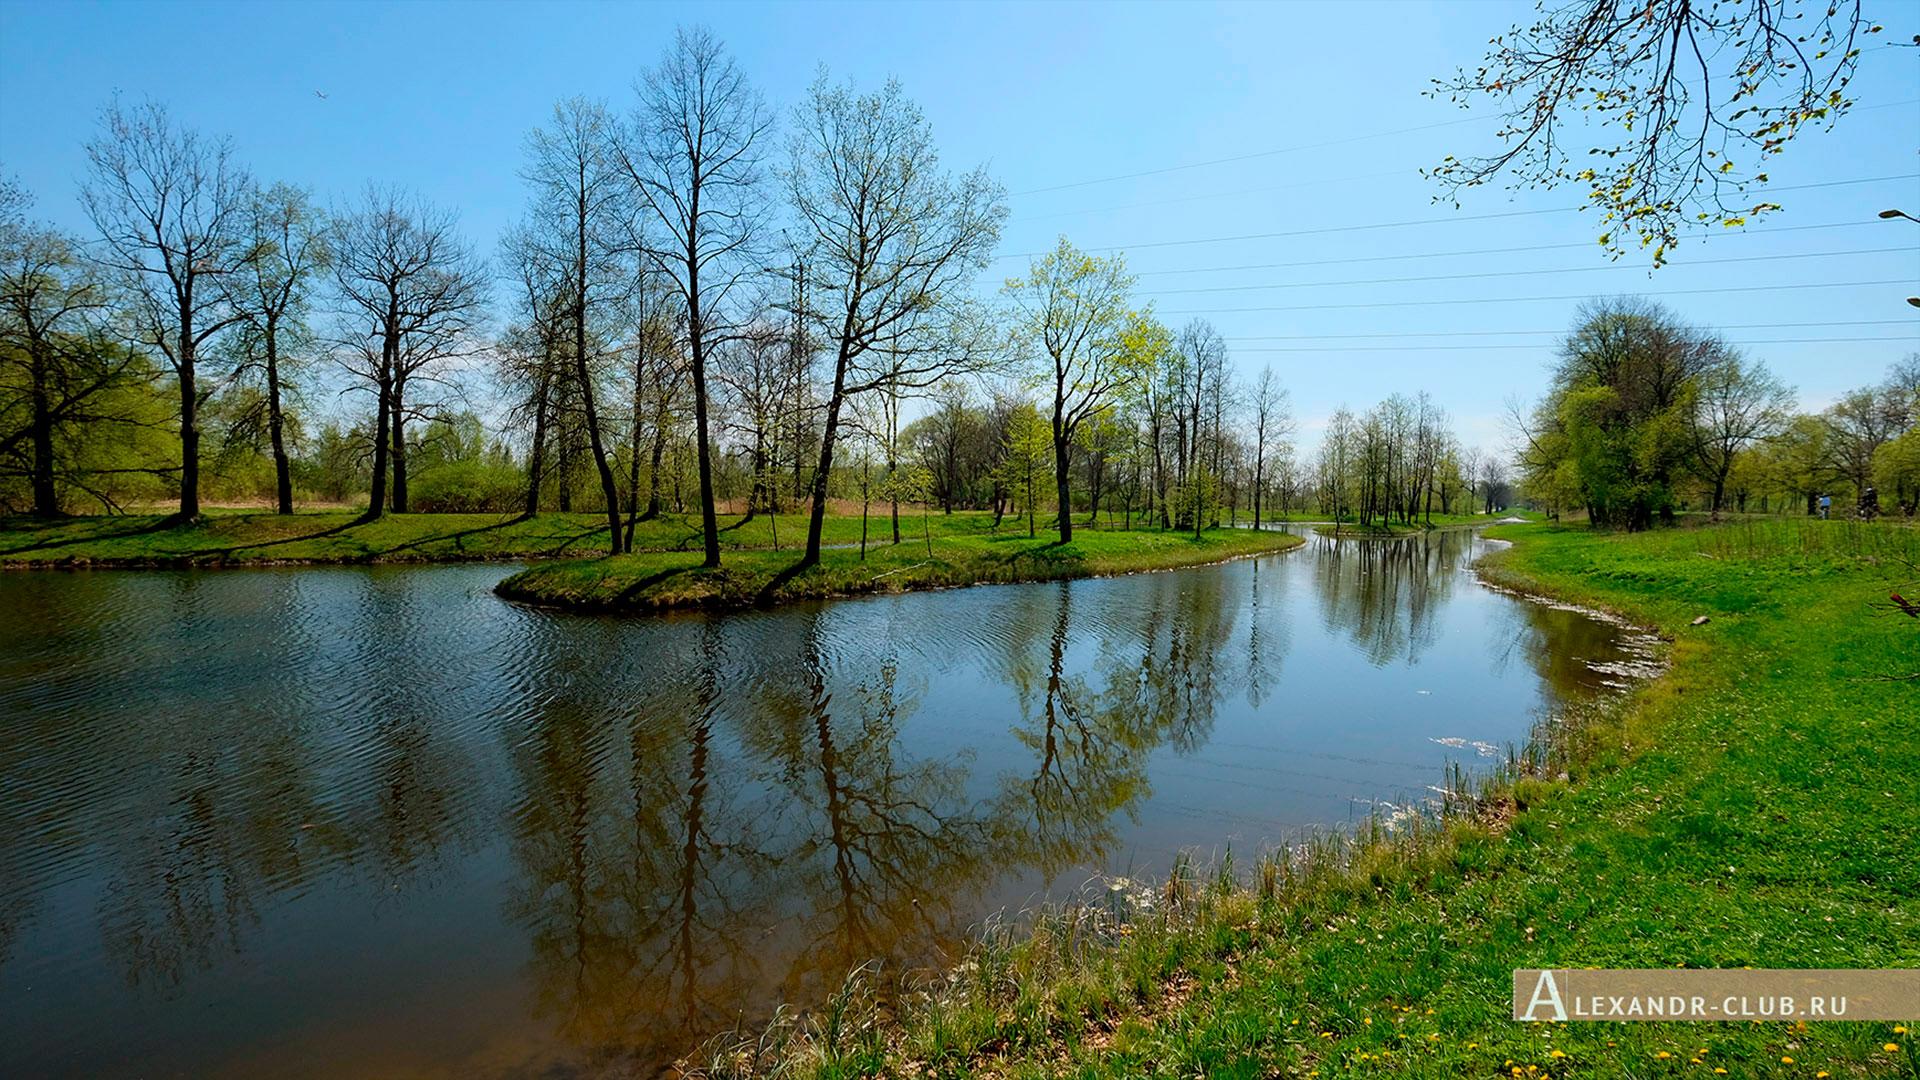 Петергоф, Луговой парк, весна, Мельничный пруд